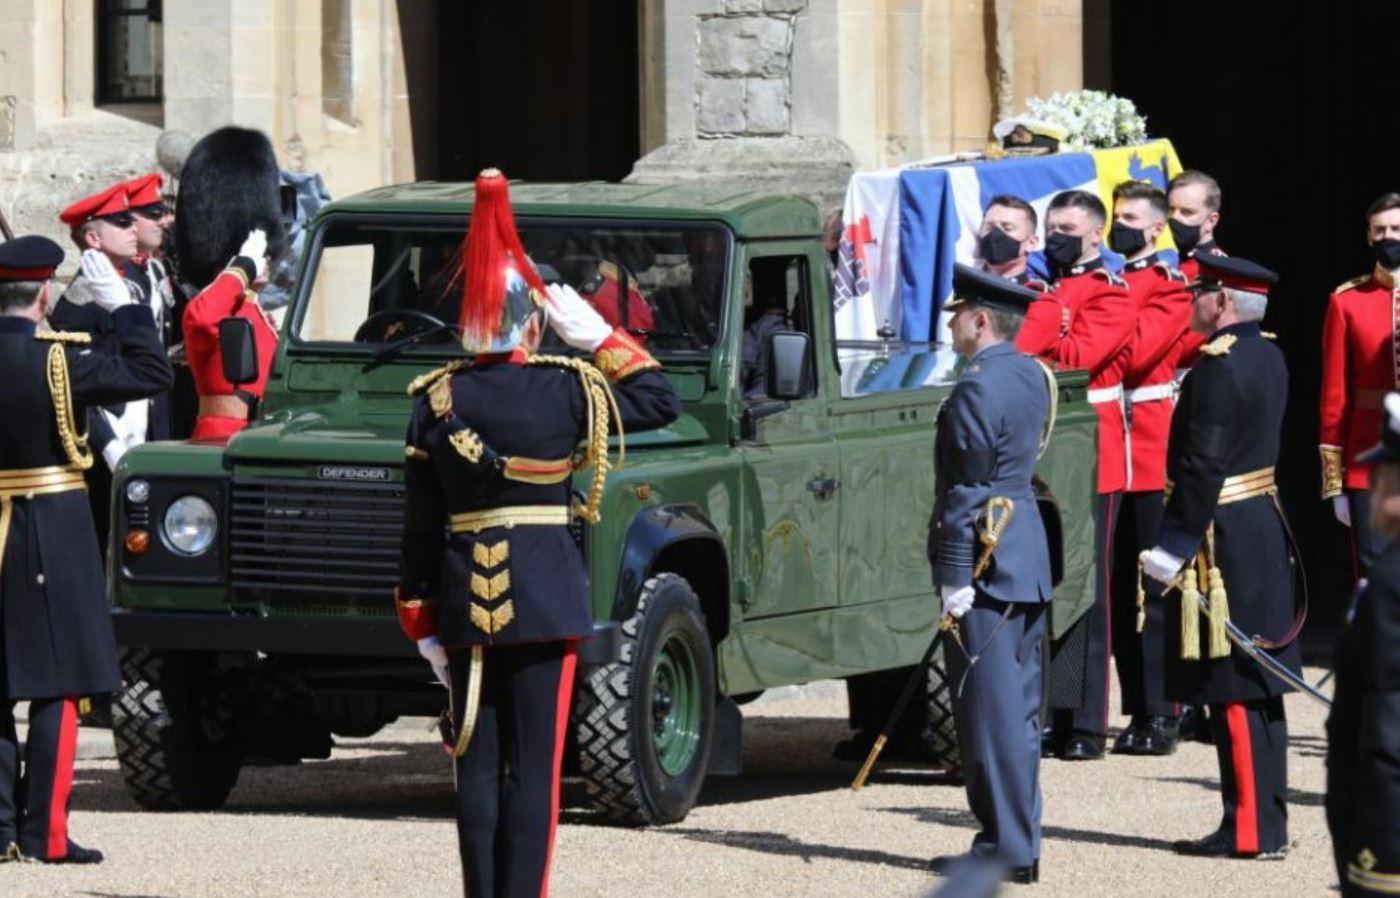 El féretro de Felipe de Edimburgo, a su llegada a la capilla de San Jorge. Un vehículo Land Rover Defender 130 Gun Bus, modificado para la ocasión, ha sido el encargado de transportar el ataúd, sobre el que reposarán el estandarte personal del príncipe consorte, su gorra de oficial de la Armada y su espada.